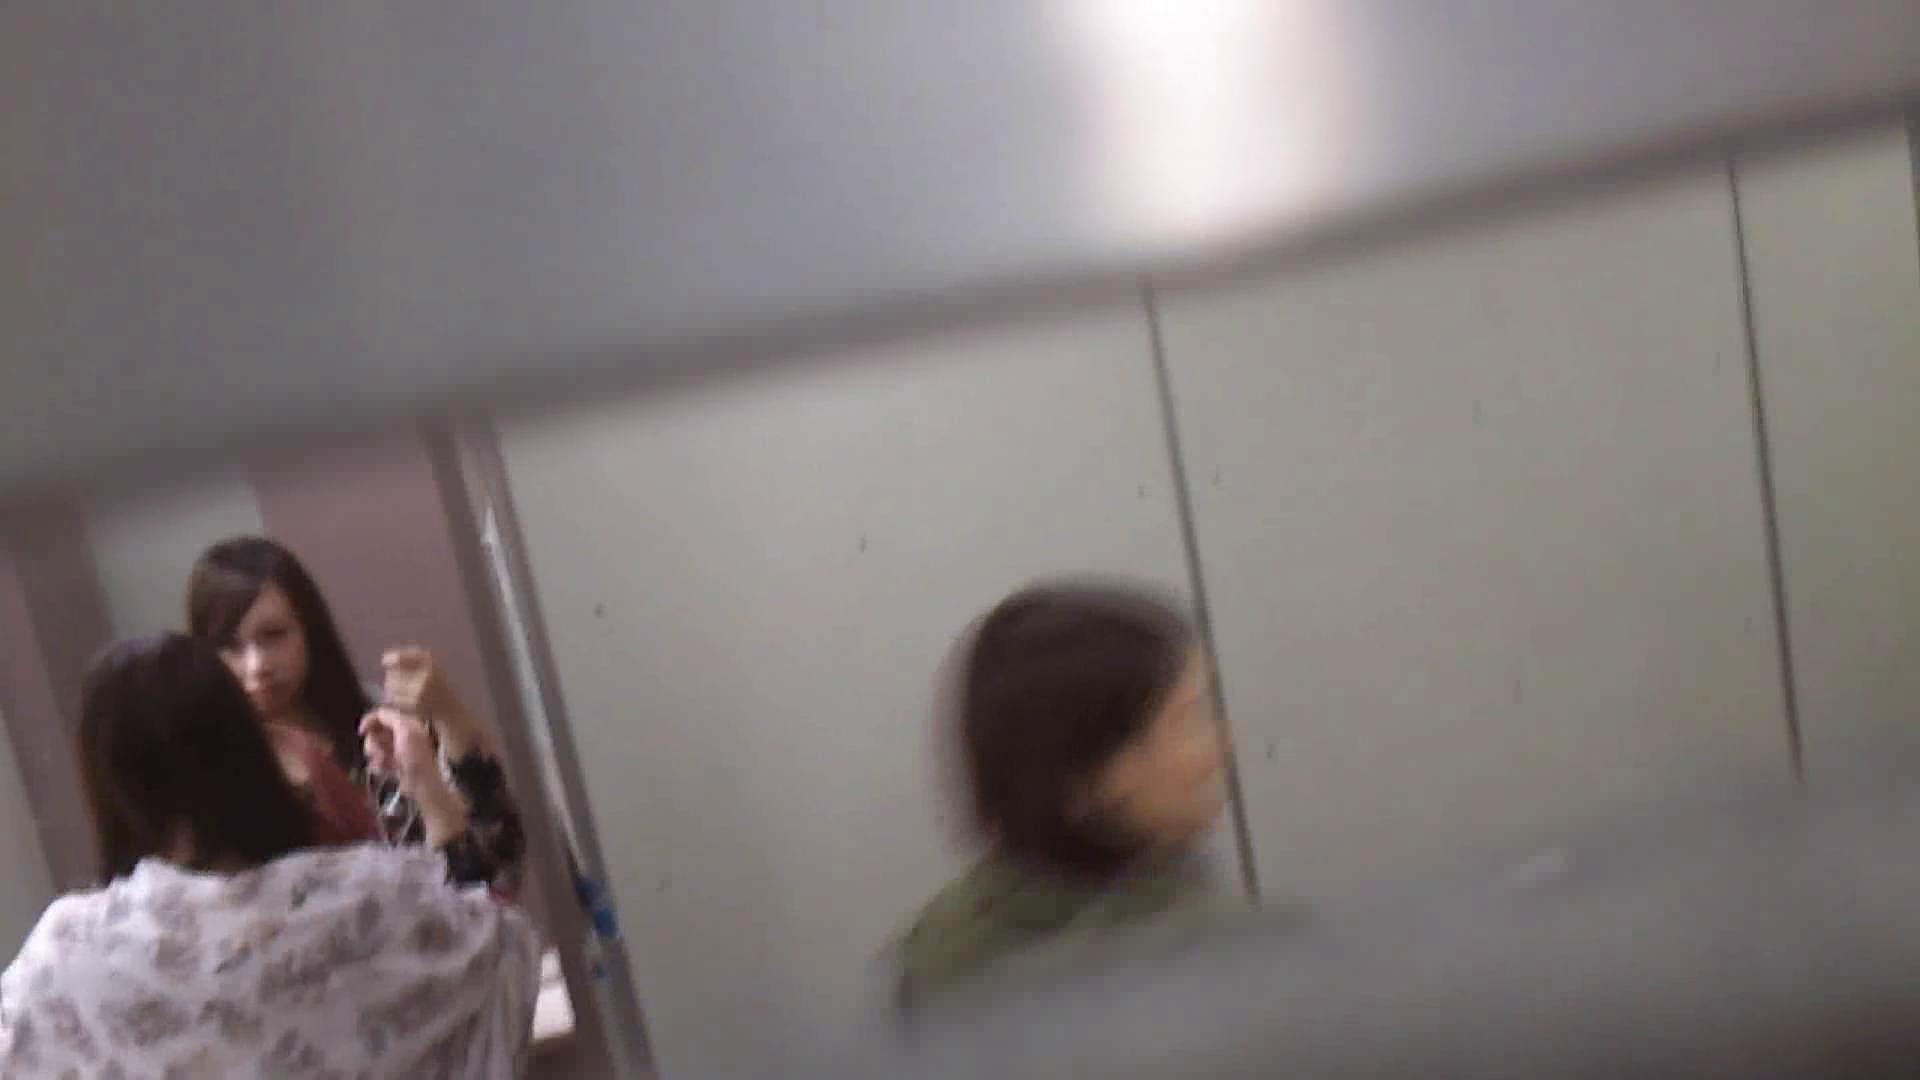 美女詰め合わせギフトvol.01 OL女体 エロ画像 85連発 8